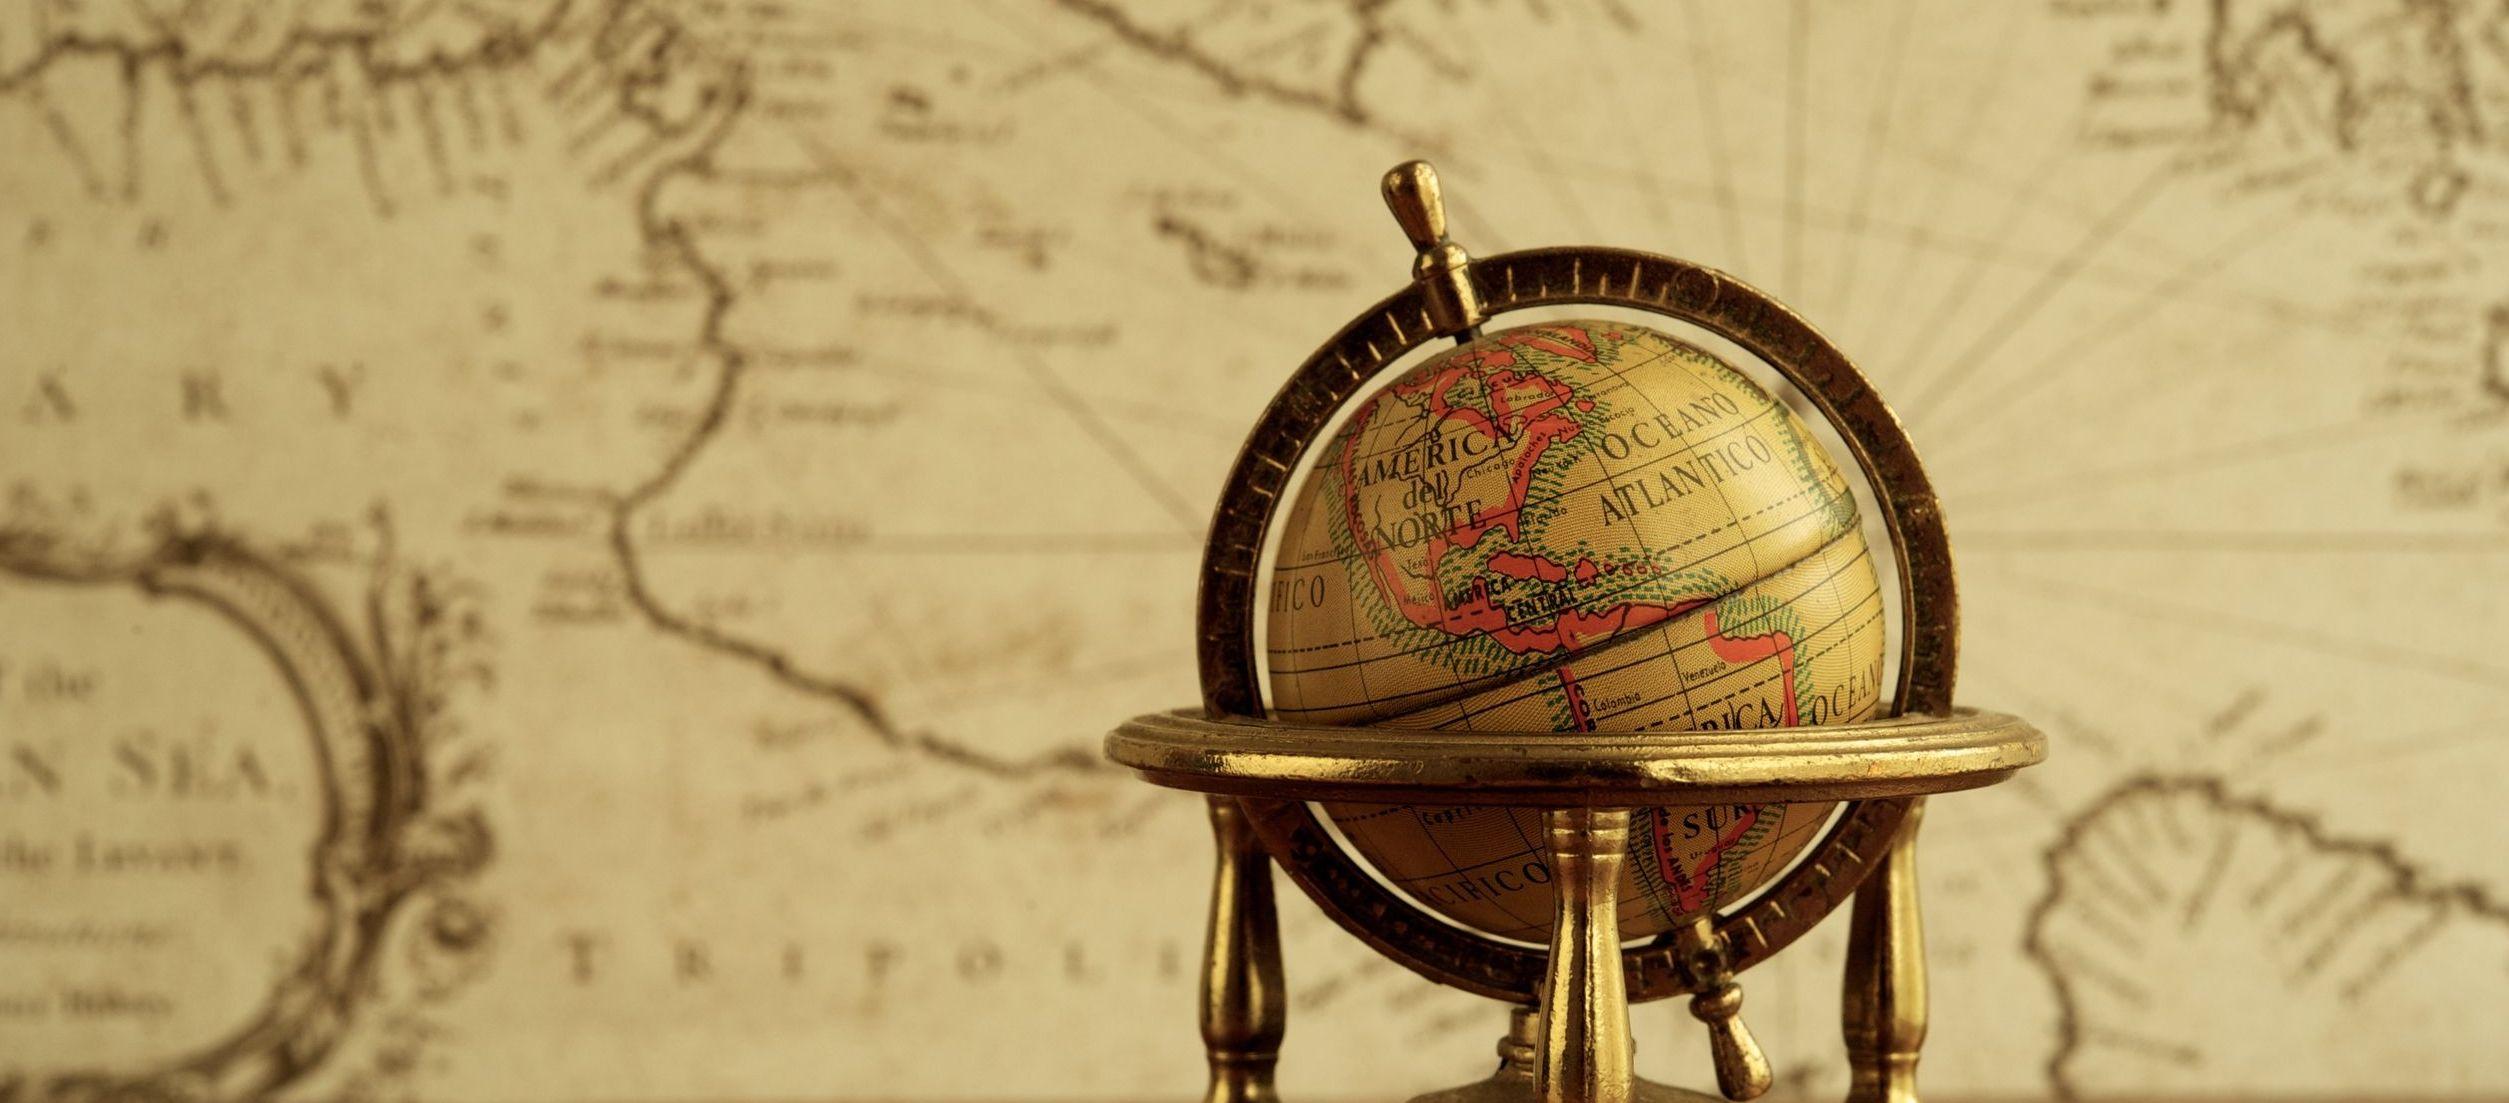 explore-the-world-vita-brevis-travel